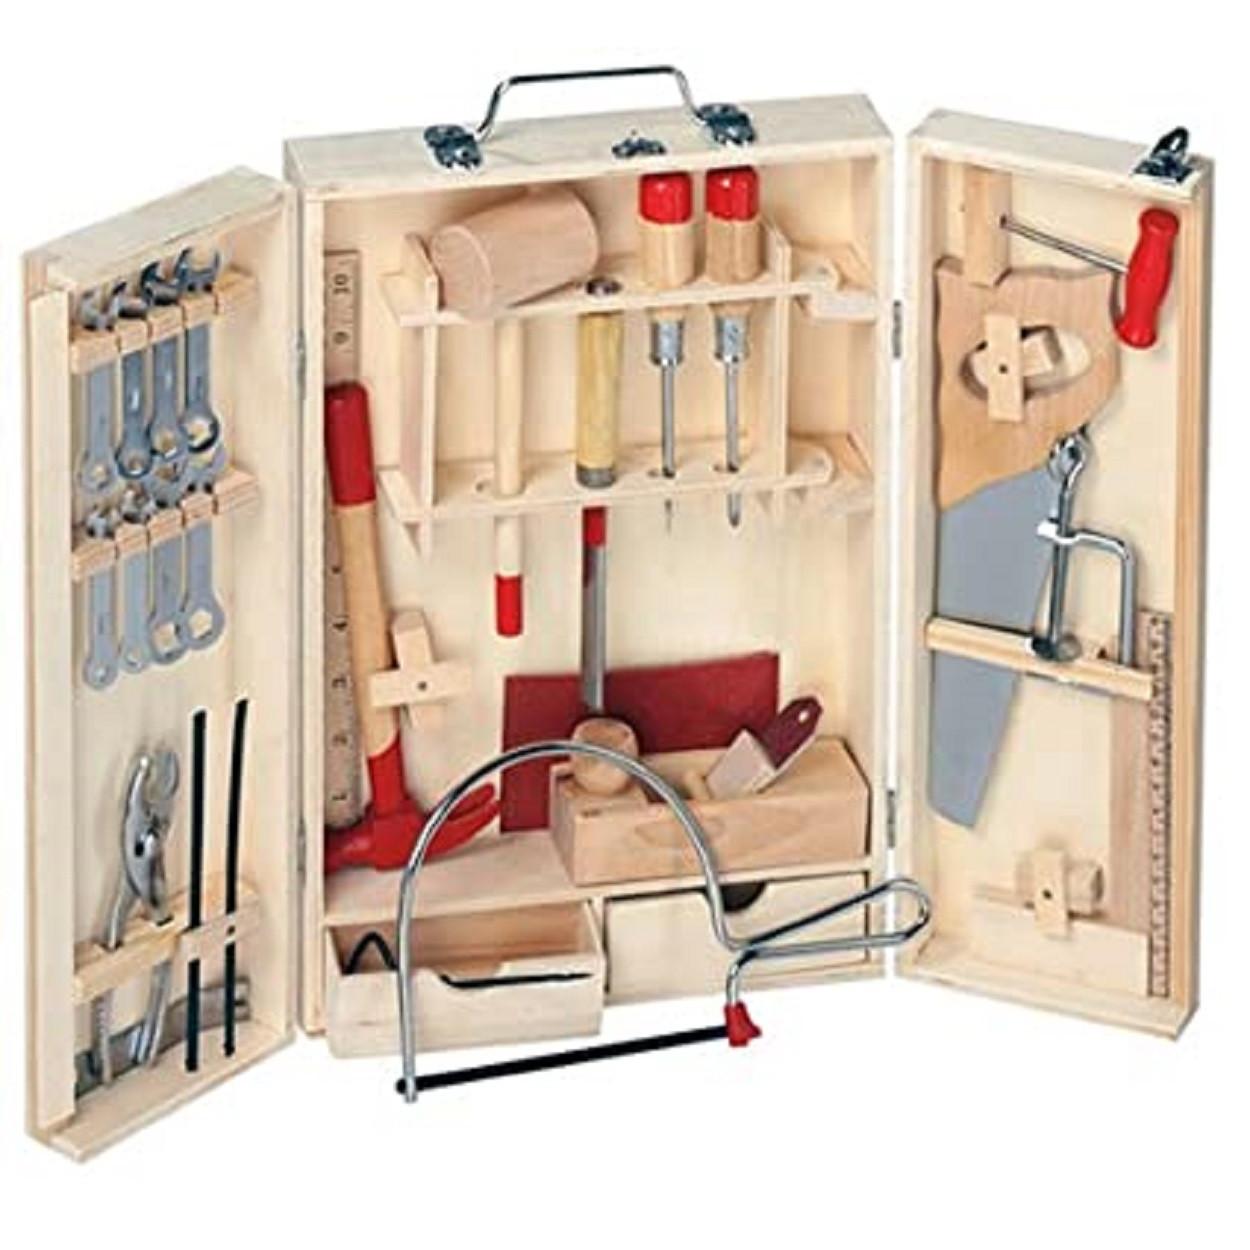 Набор инструментов для работы по дереву для начинающих в деревянном ящике Pebaro (462)